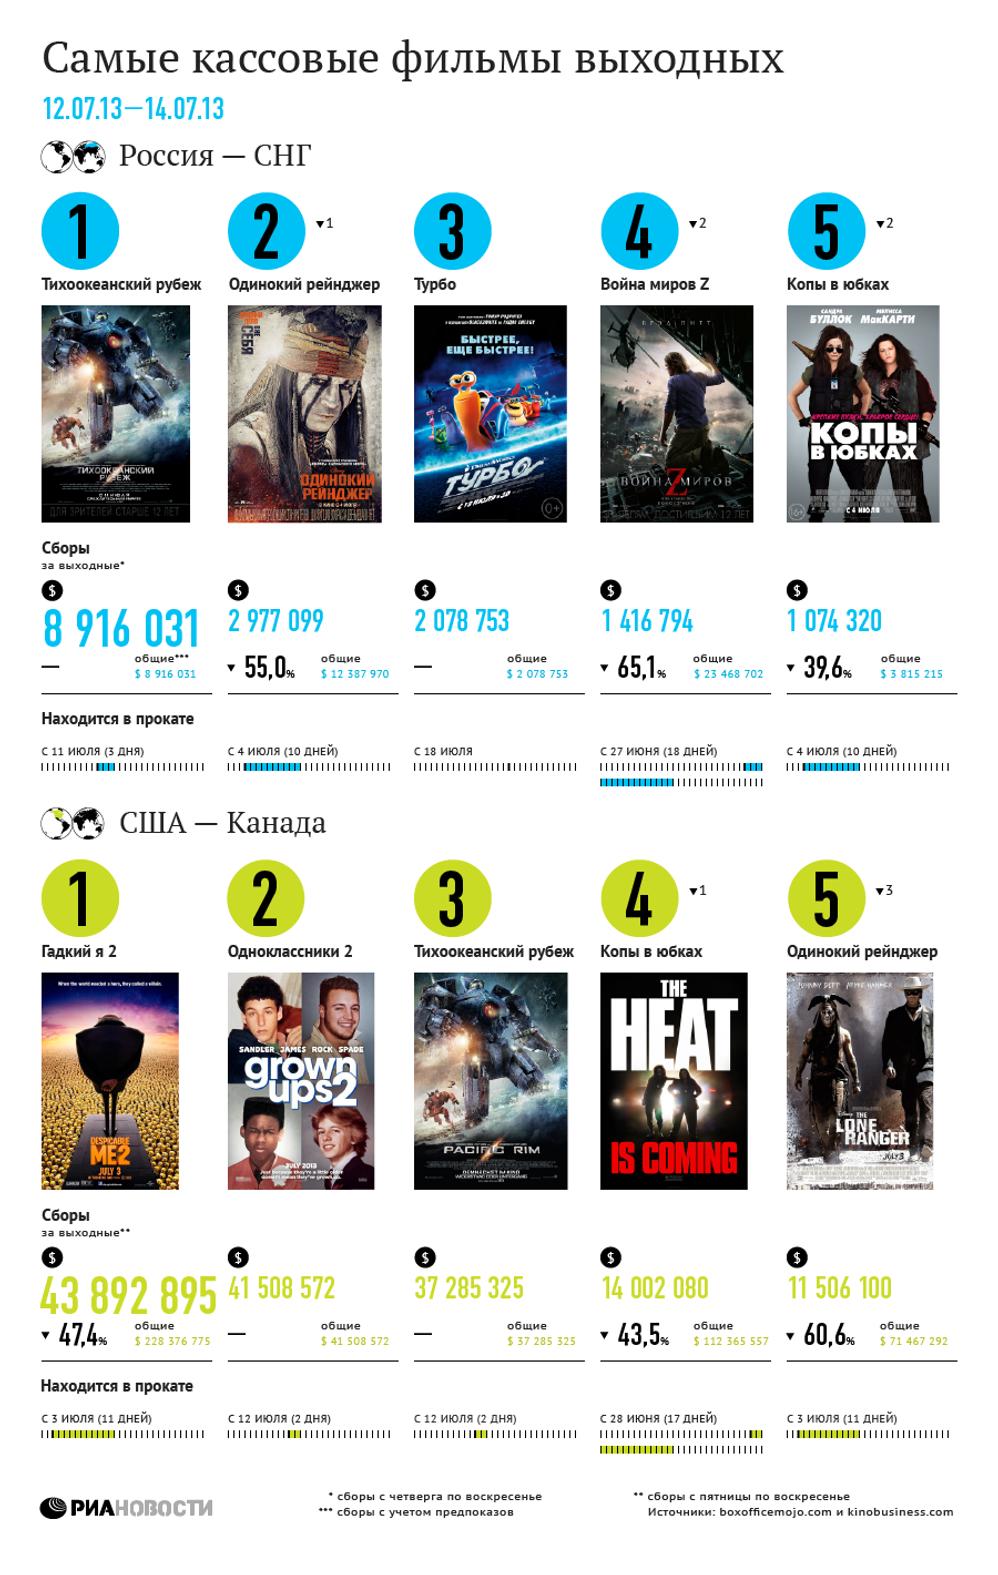 Самые кассовые фильмы выходных (12-14 июля)